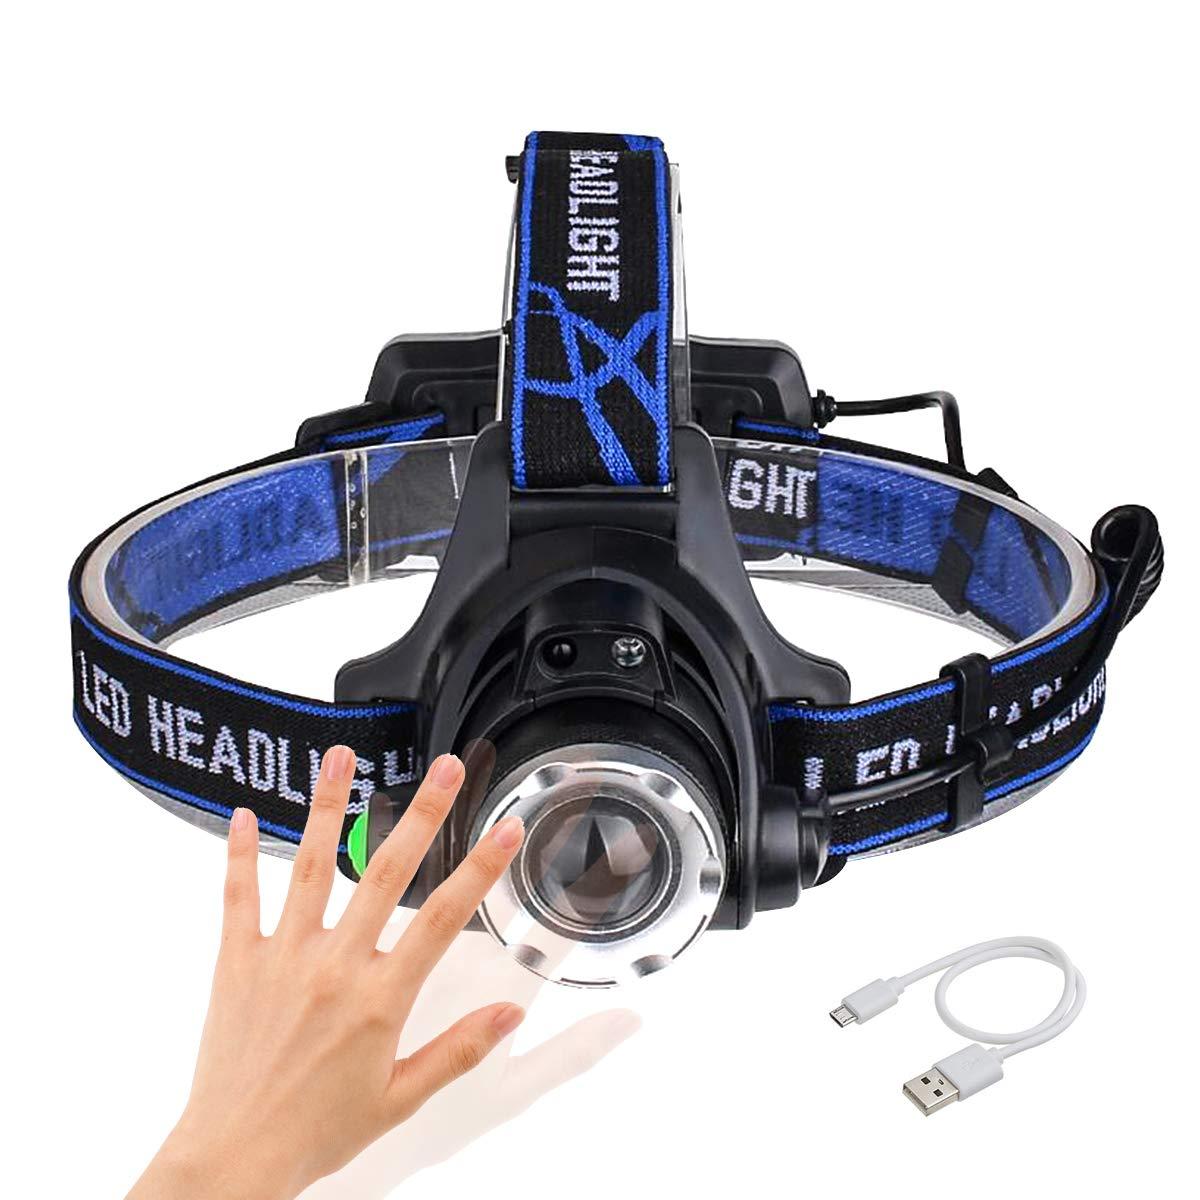 Sotical Linterna Frontal, Linterna de Cabeza Recargable USB 4 Modos de Luz LED, Impermeable Para Camping, Pesca, Ciclismo, Carrera, Caza (A)